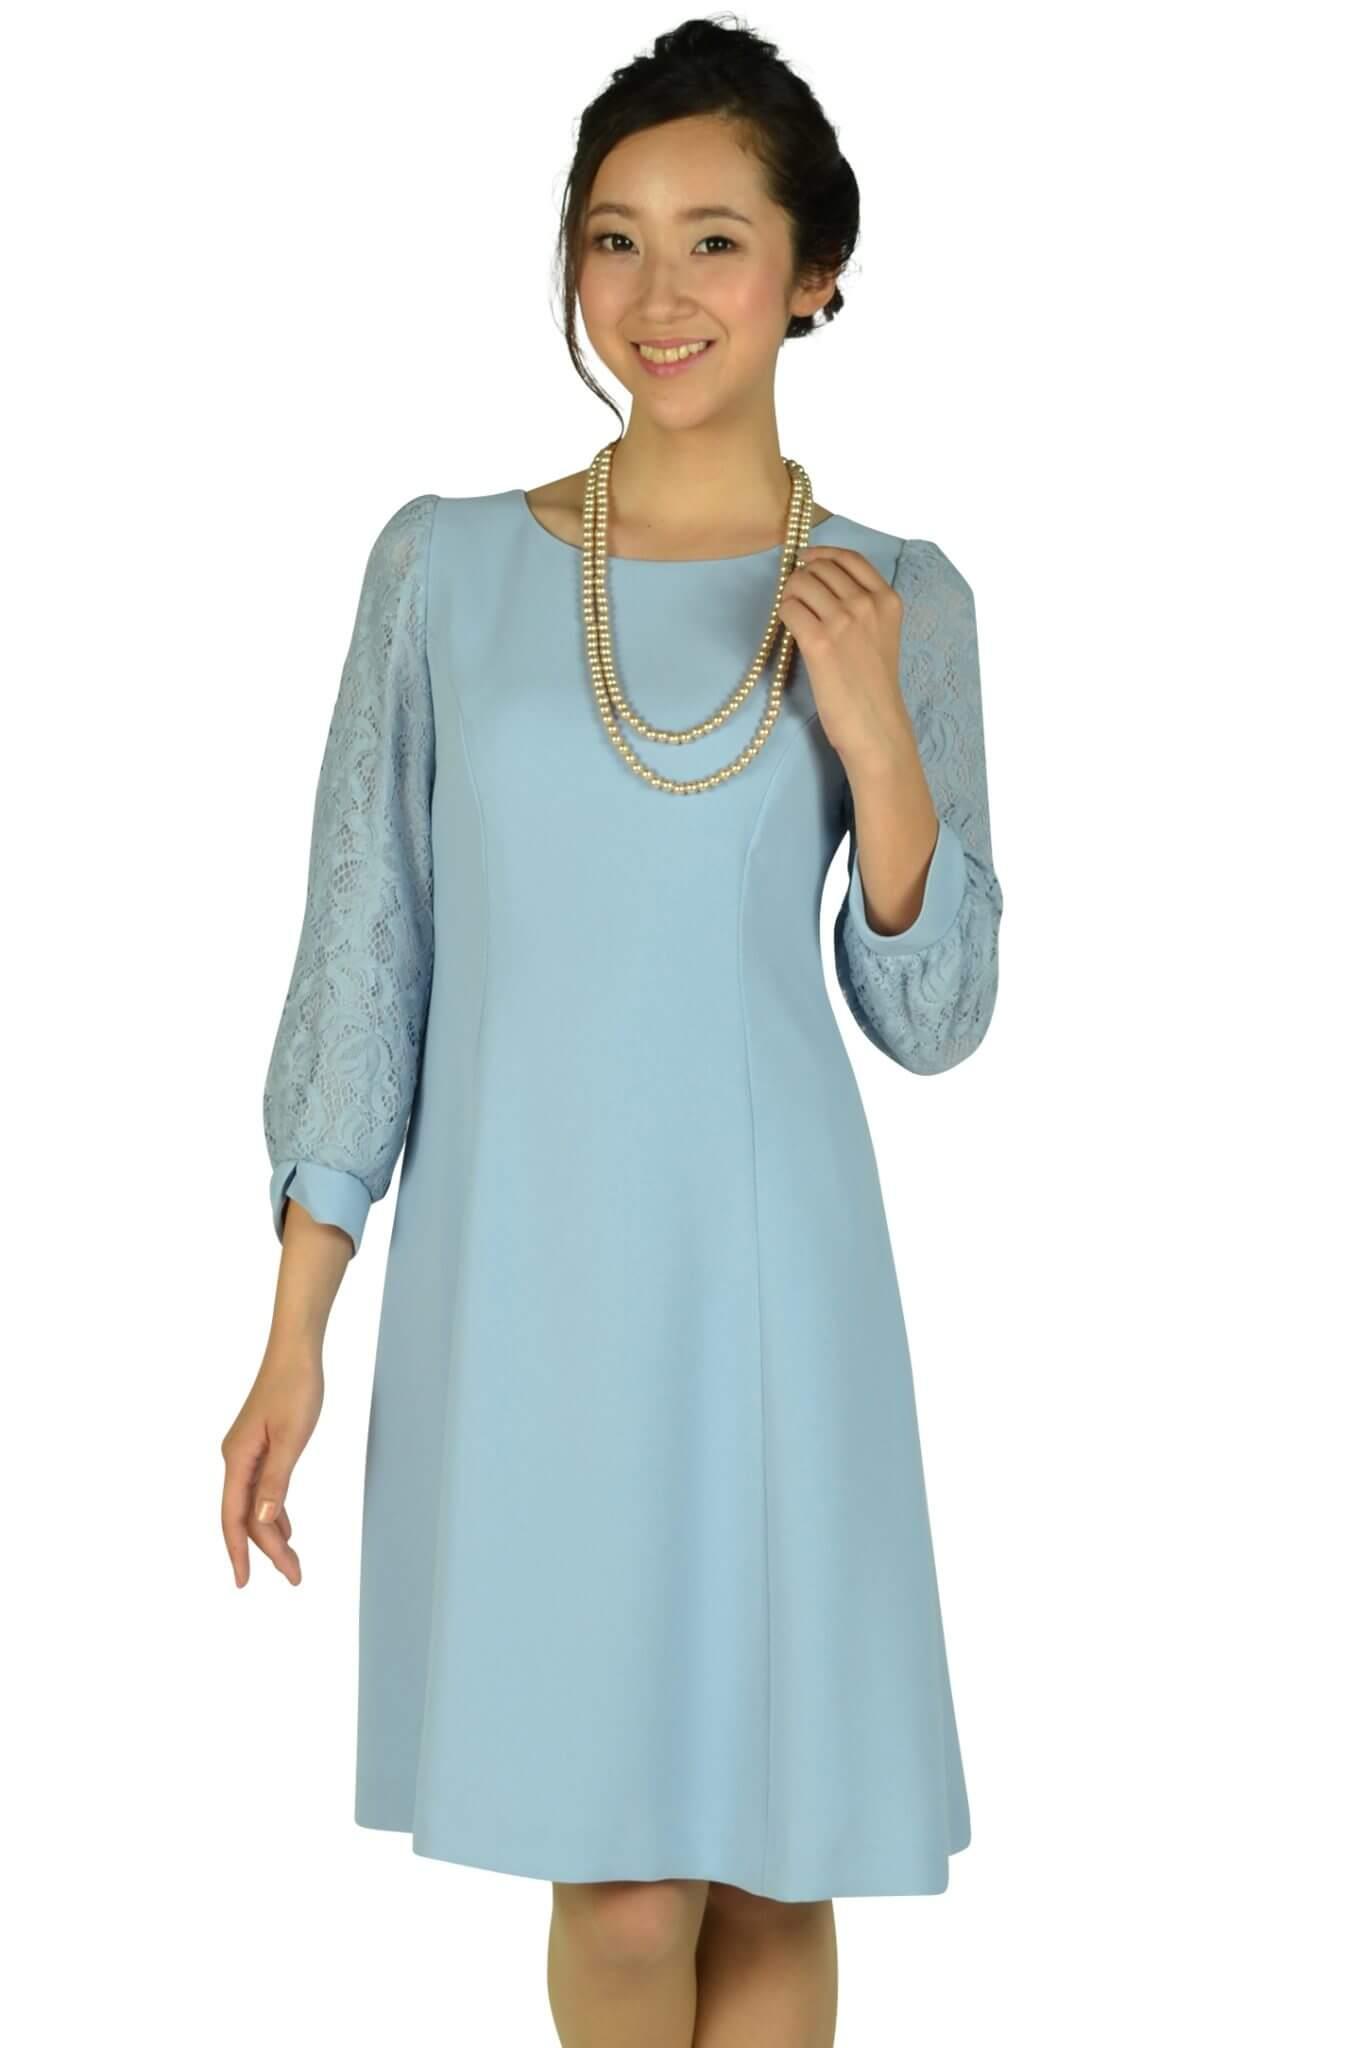 ストロベリーフィールズ(STRAWBERRY-FIELDS) サックスブルーレース袖ドレス